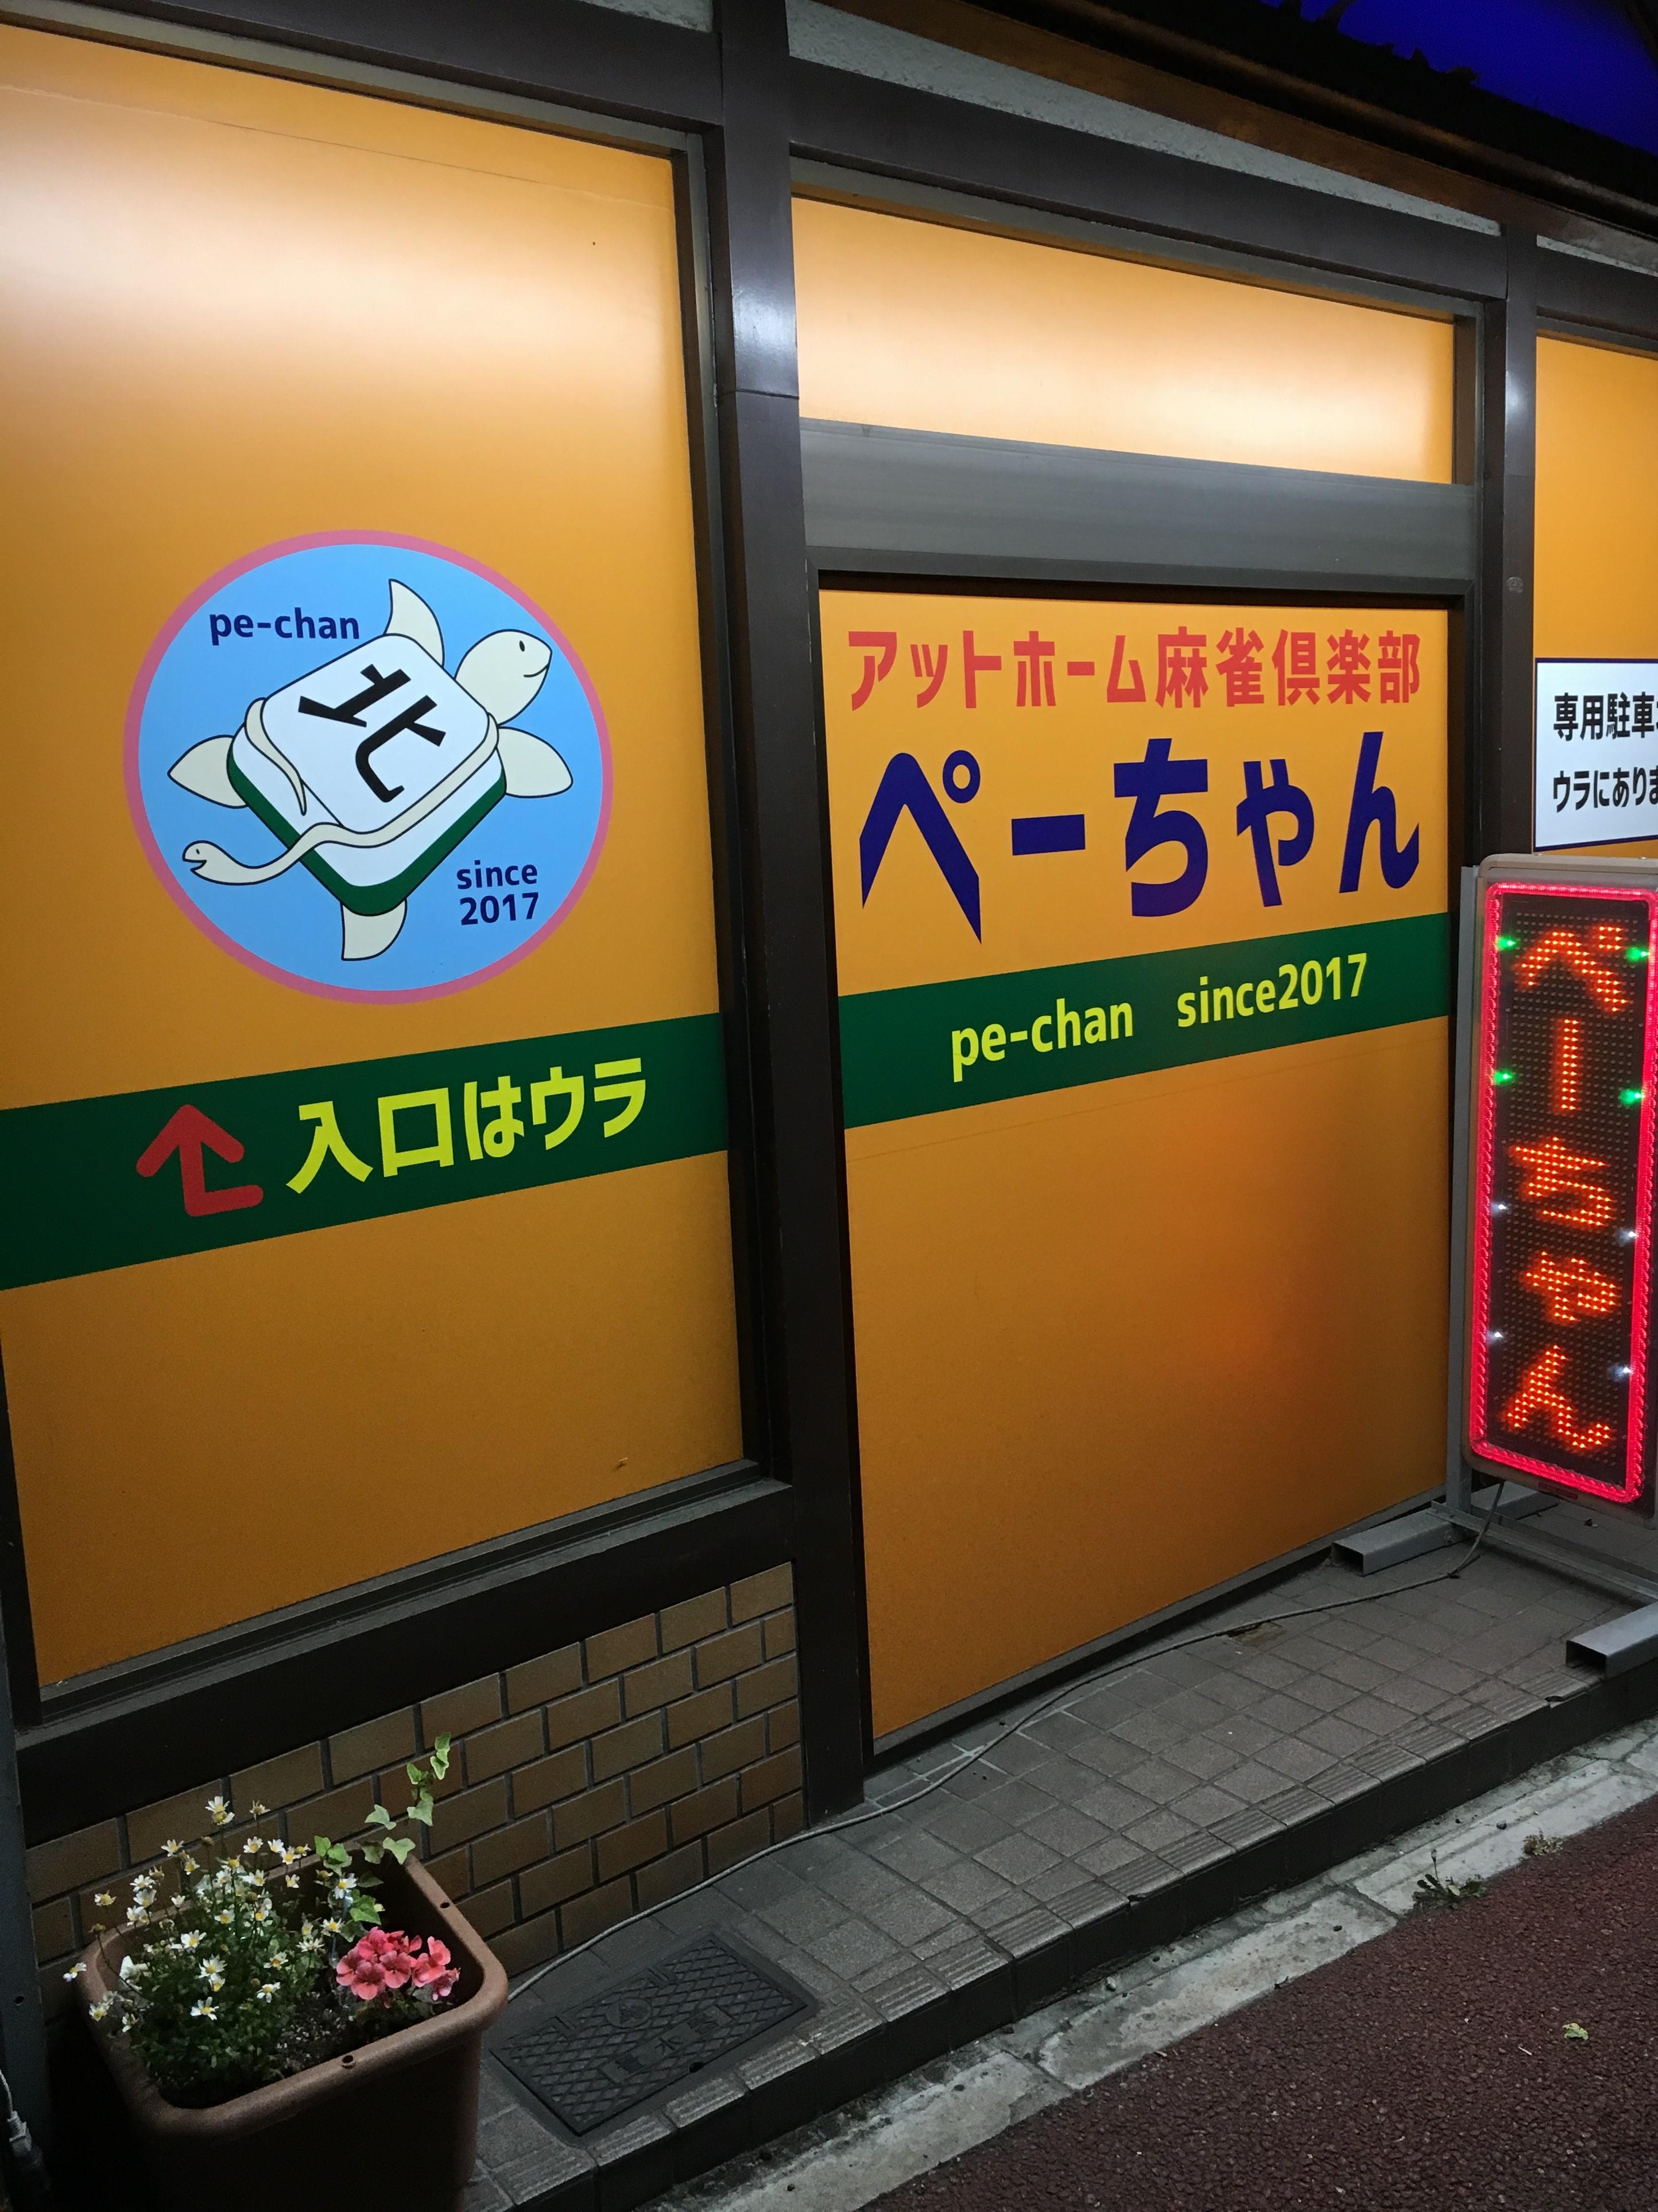 アットホーム麻雀倶楽部ぺーちゃん